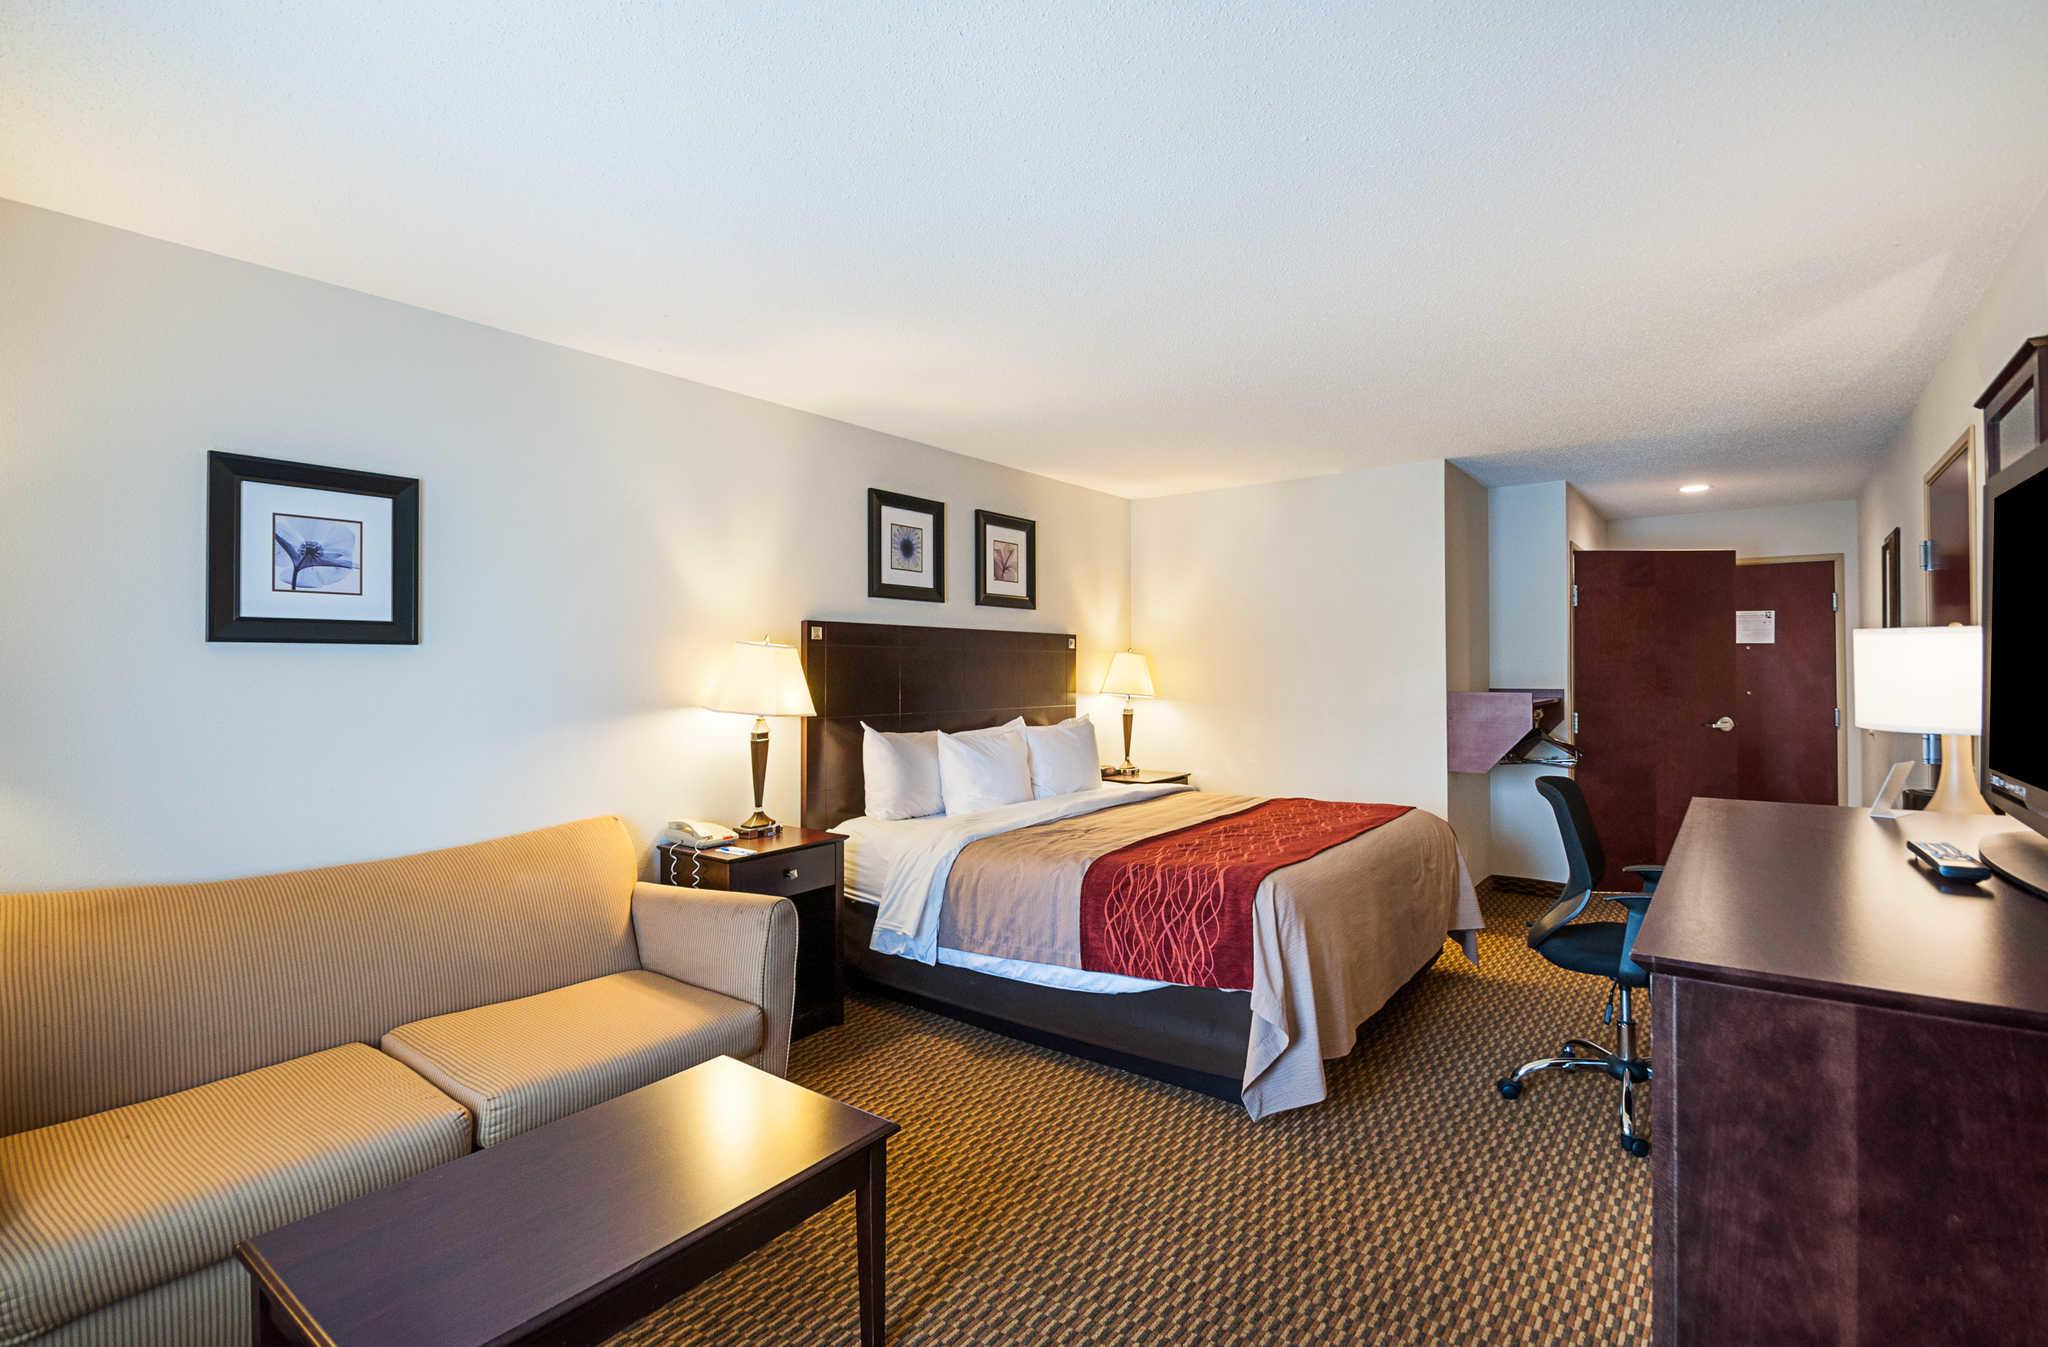 Comfort Inn & Suites Cambridge image 10